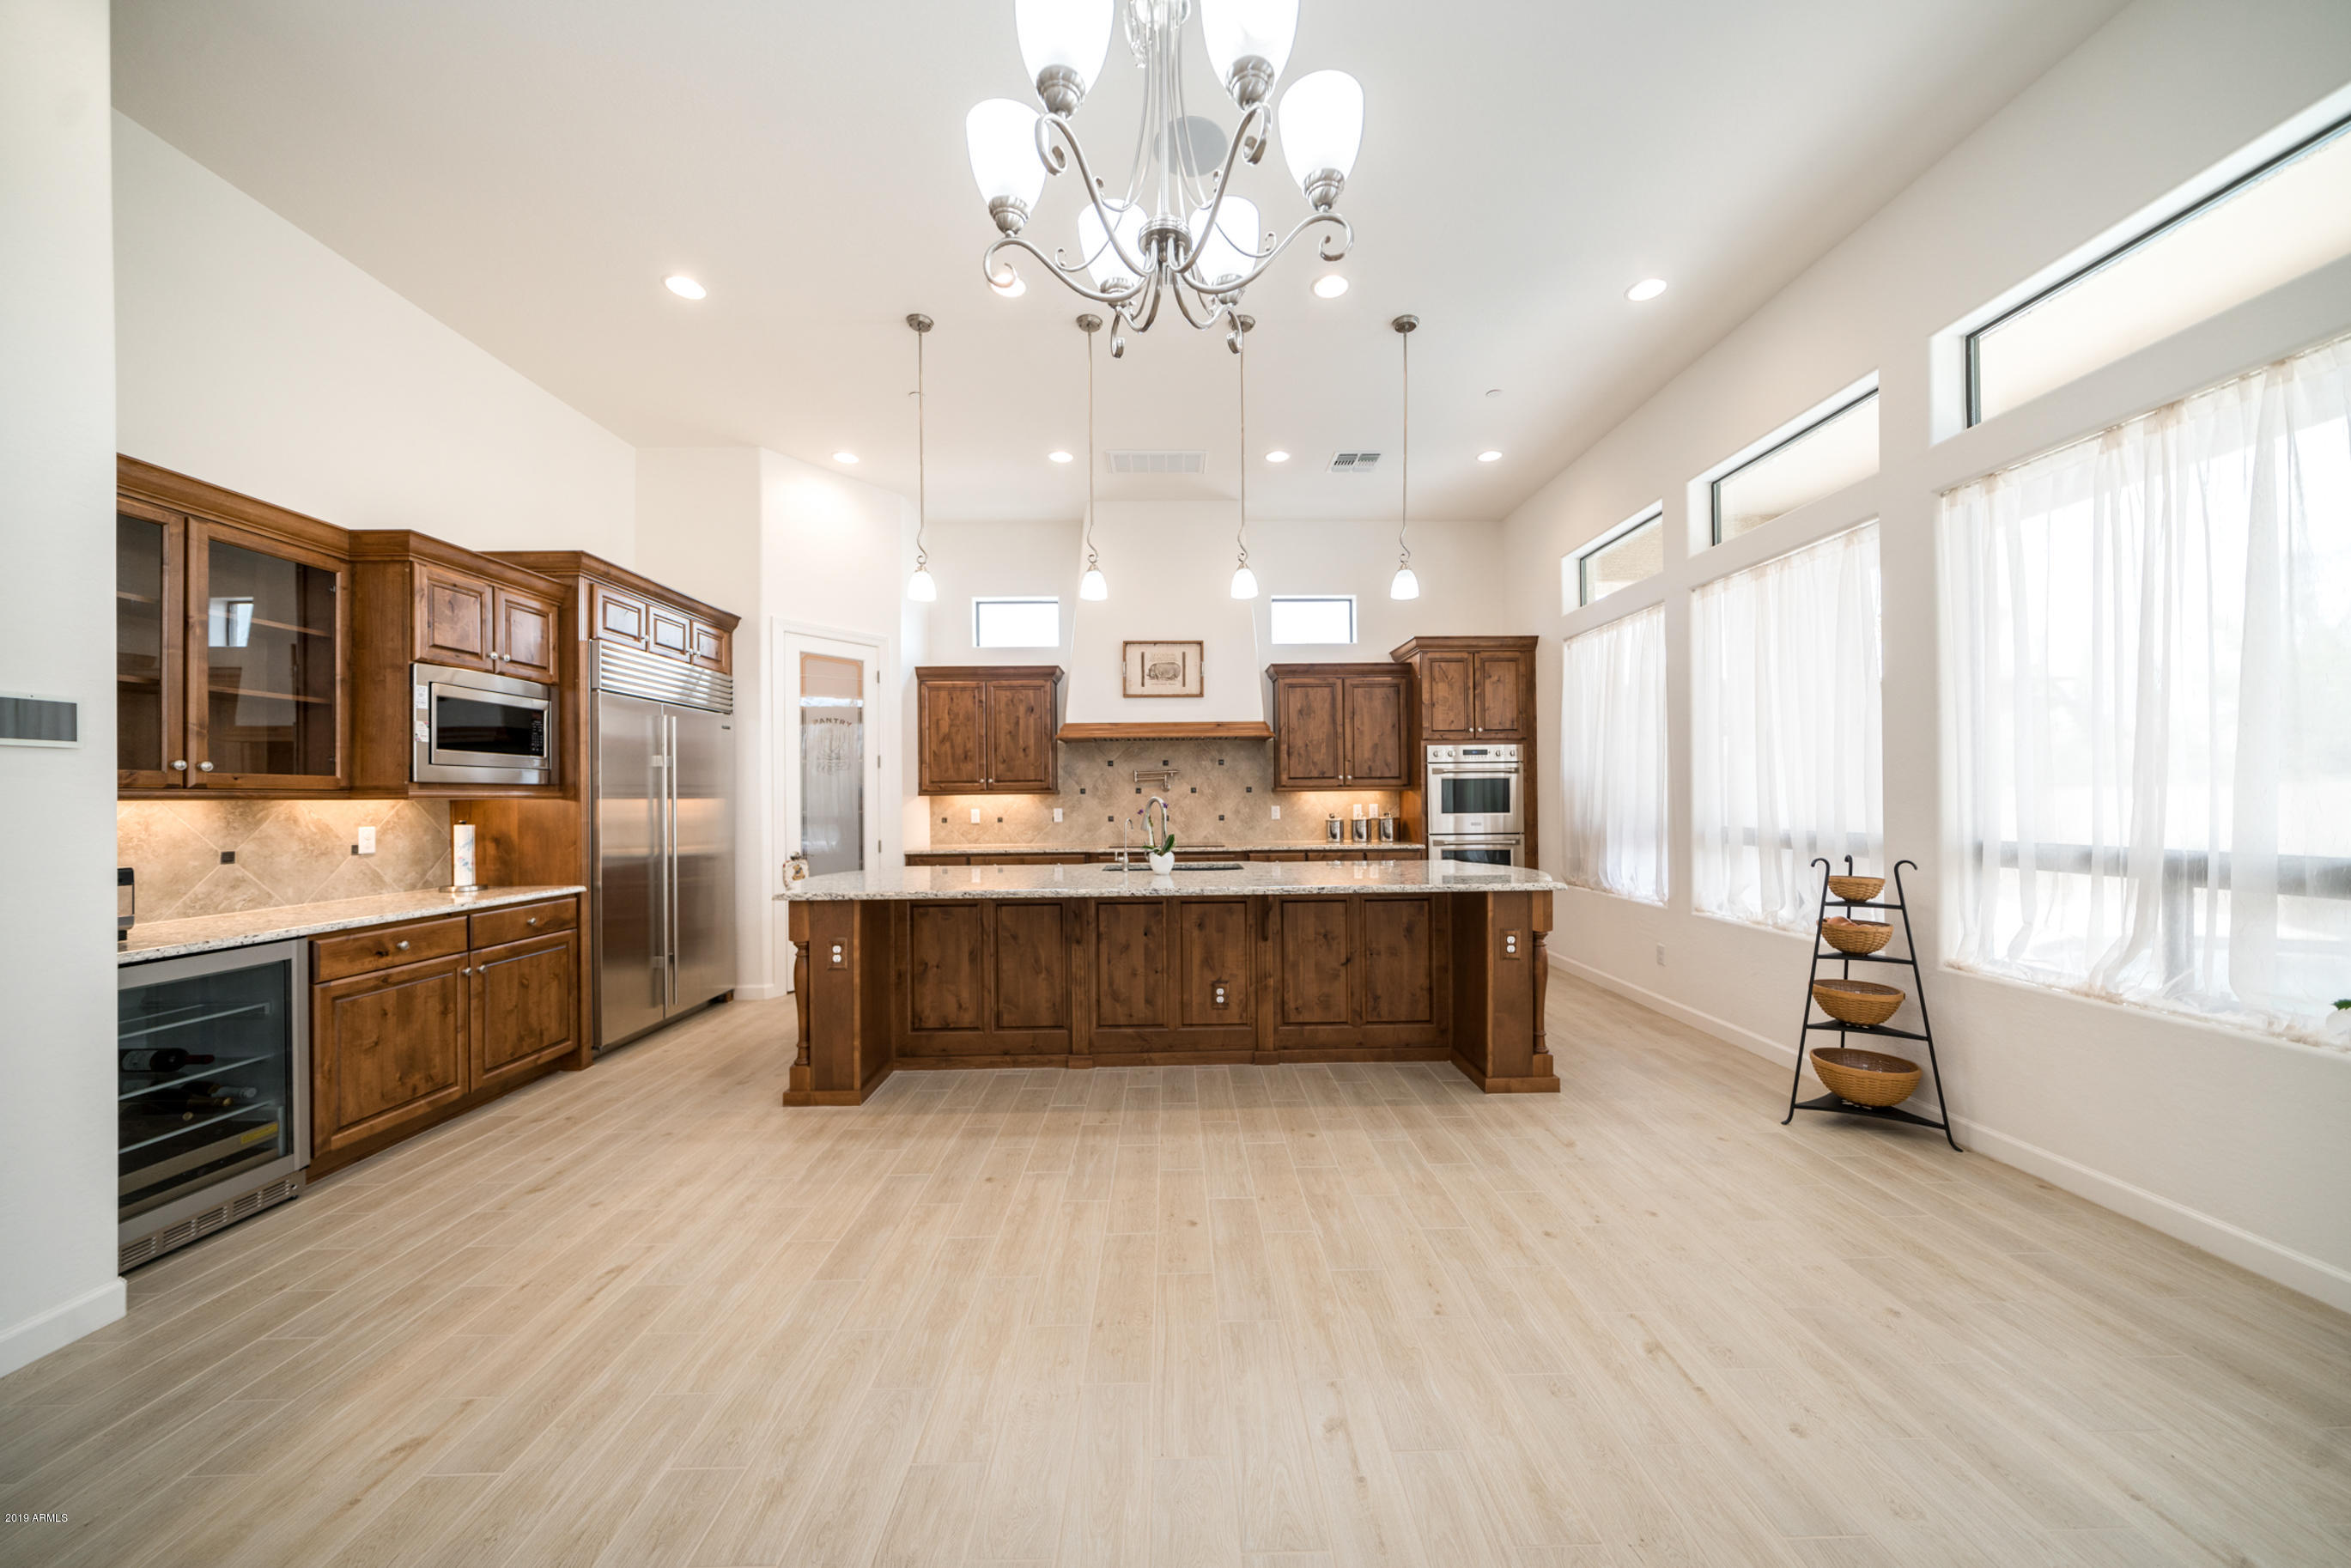 MLS 5907166 20124 E MELISSA Place, Queen Creek, AZ 85142 Queen Creek AZ Newly Built